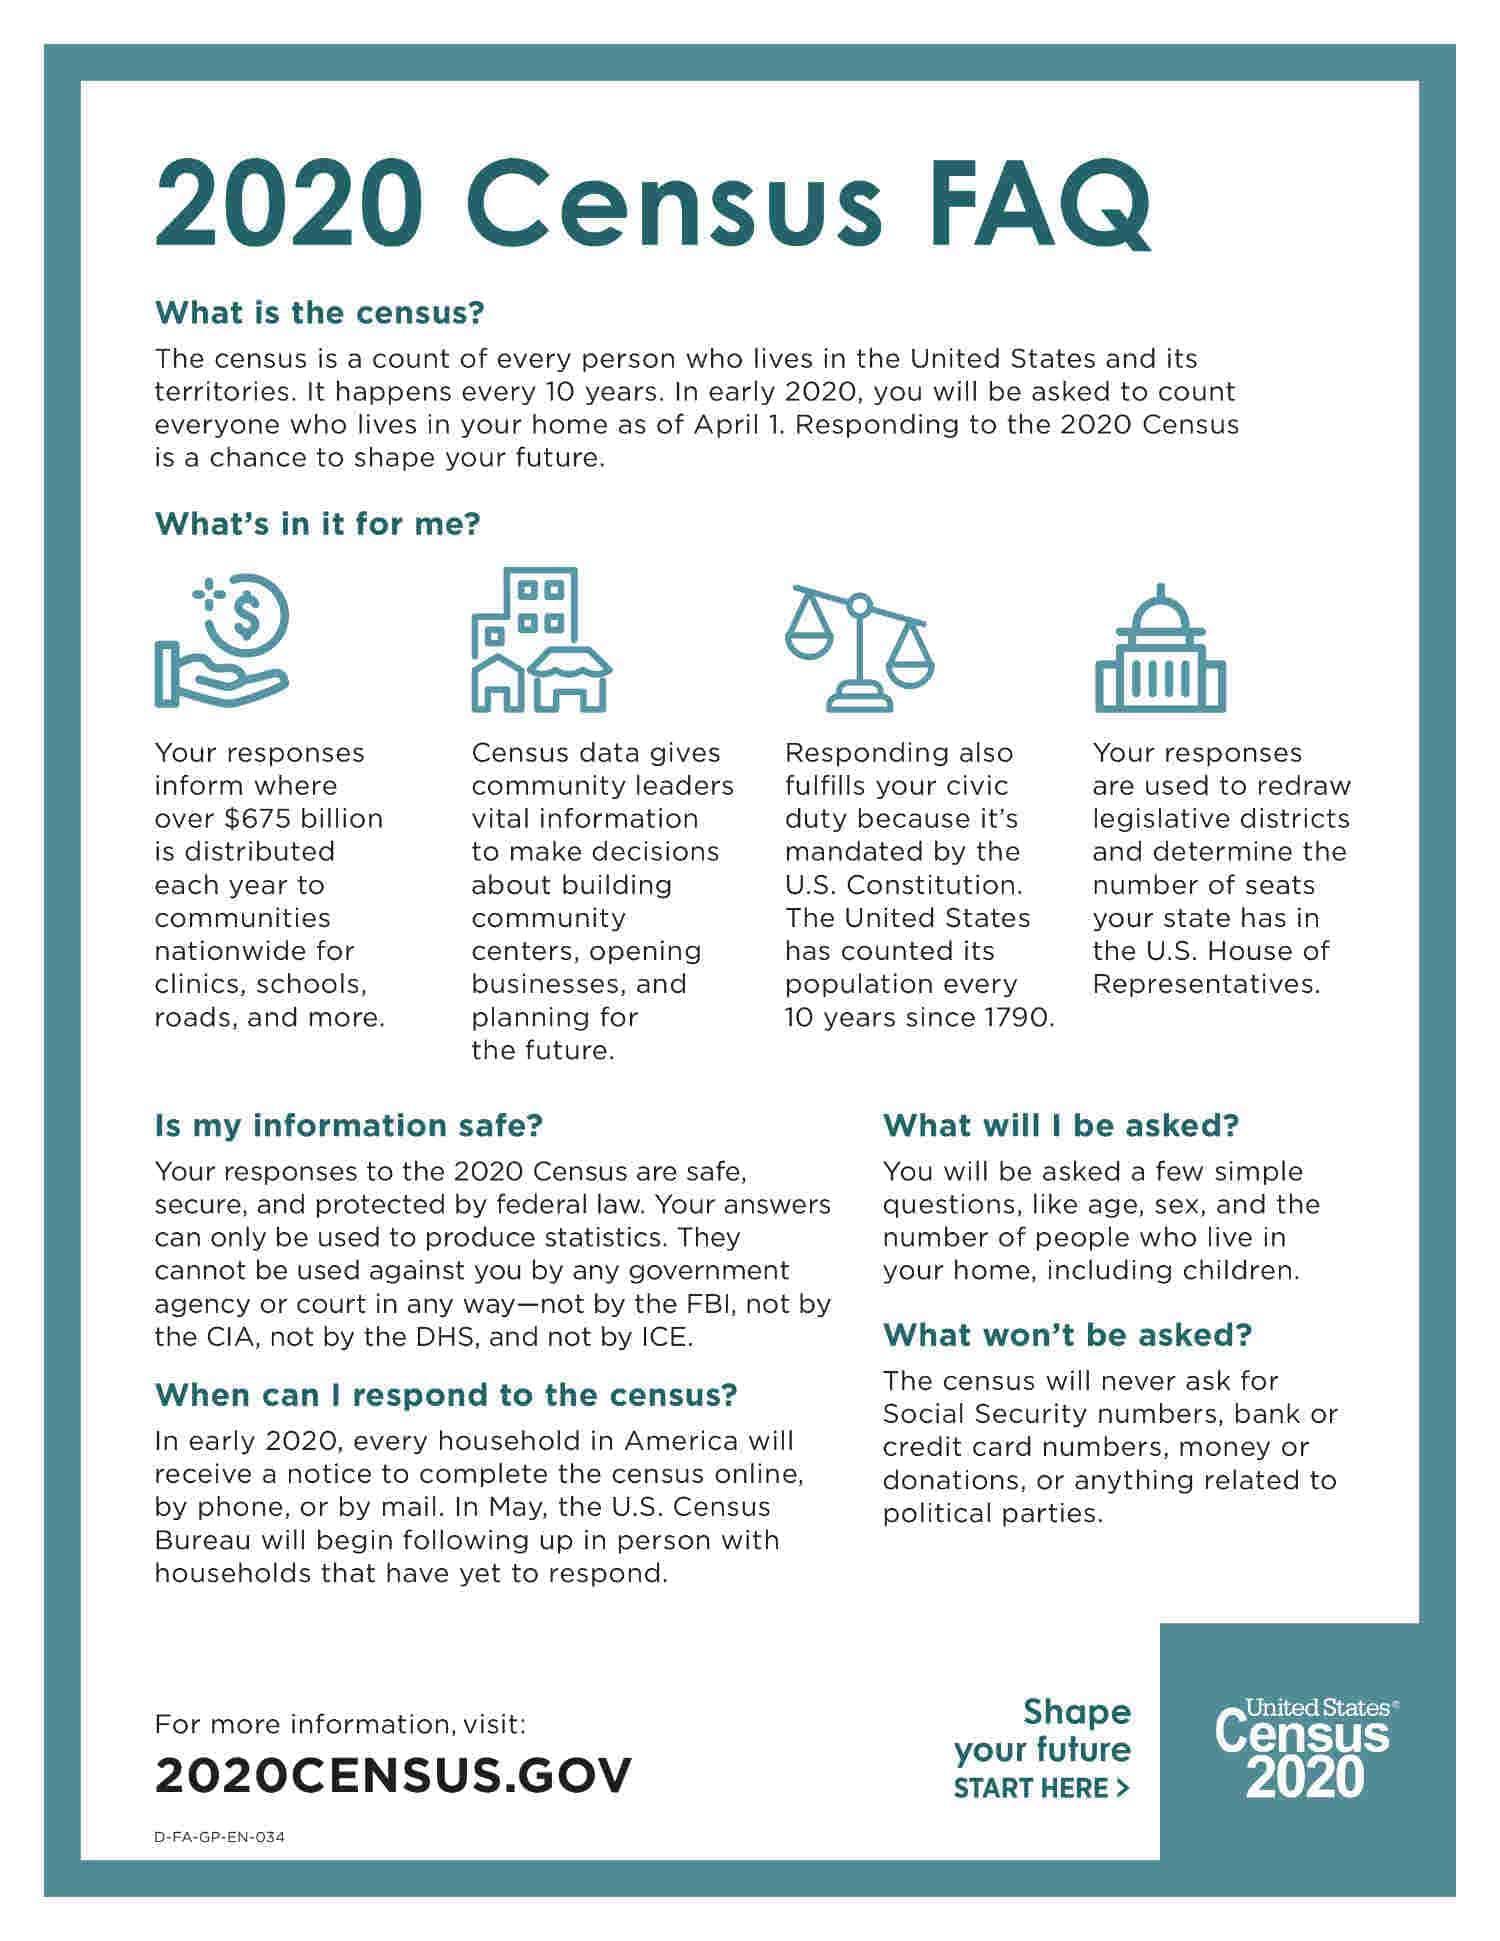 2020 census faqs